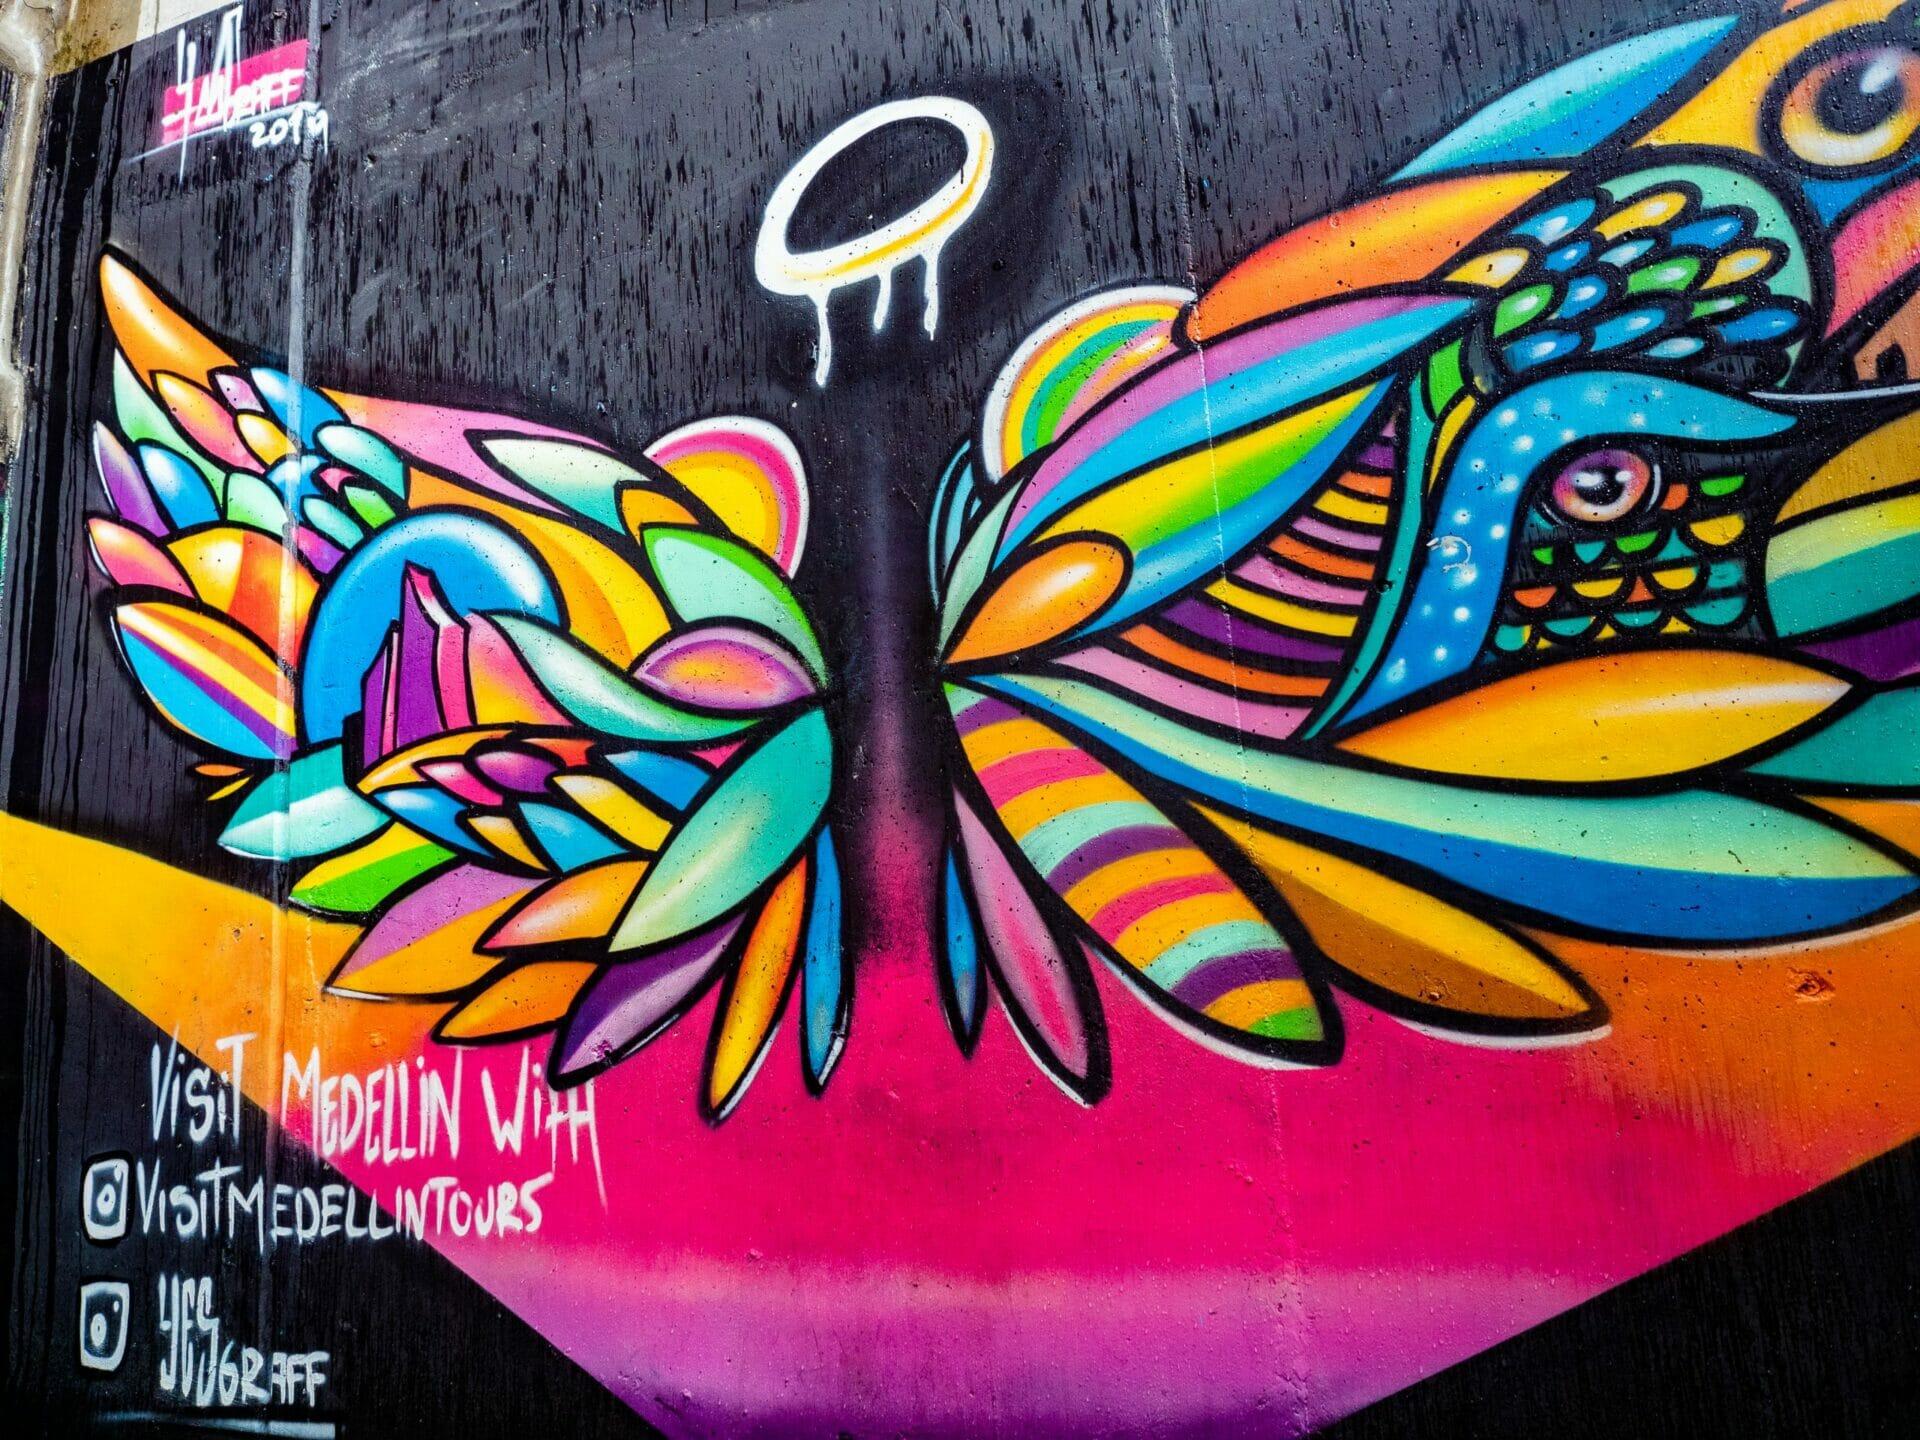 Graffiti street art angel wings Medellín Colombia